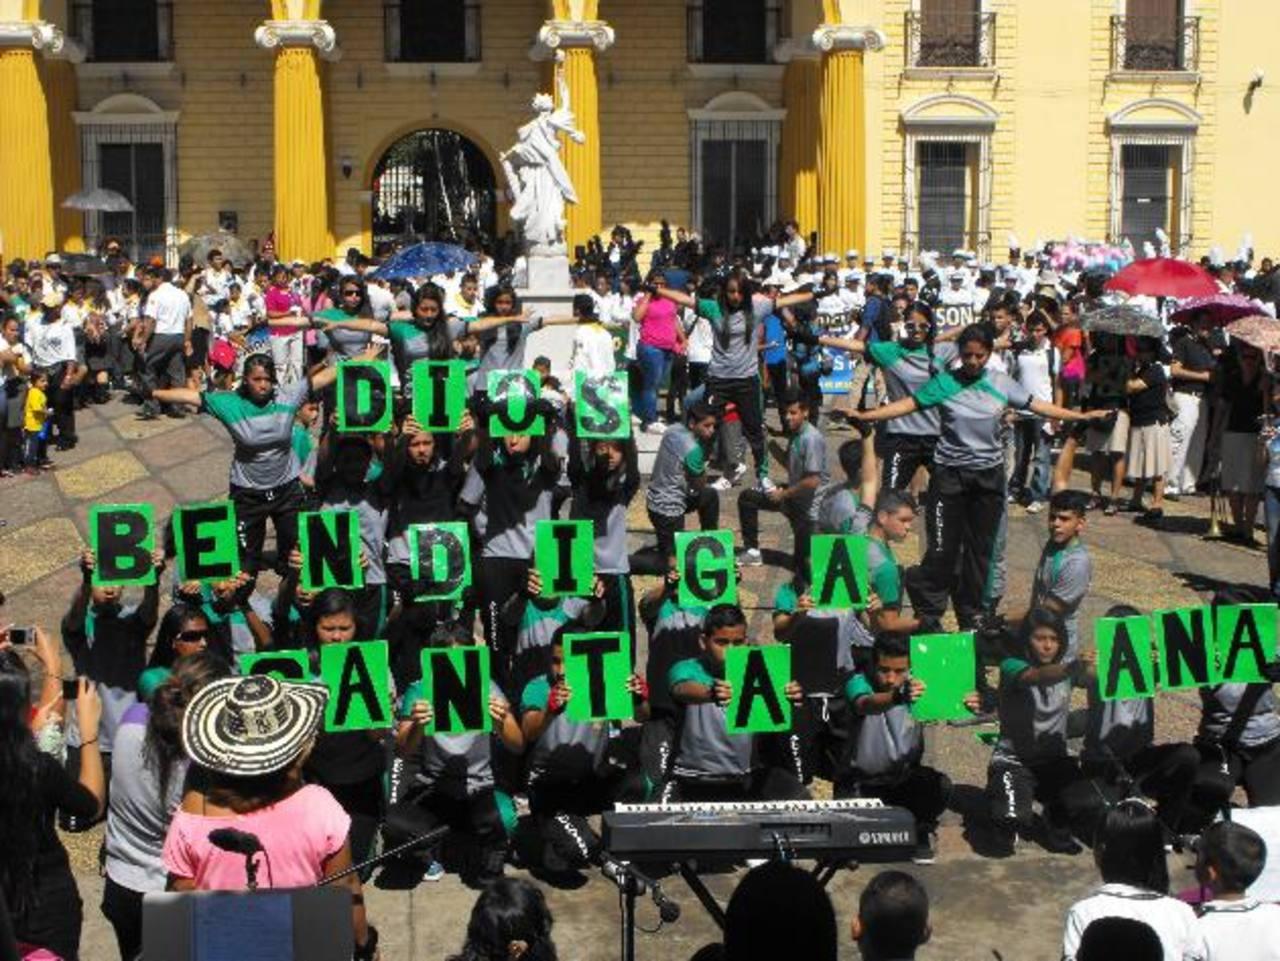 Los estudiantes de los colegios también realizaron destrezas. Foto edh / Mauricio GuevaraLas bandas musicales entonaron diversas melodías como parte de su repertorio musical.